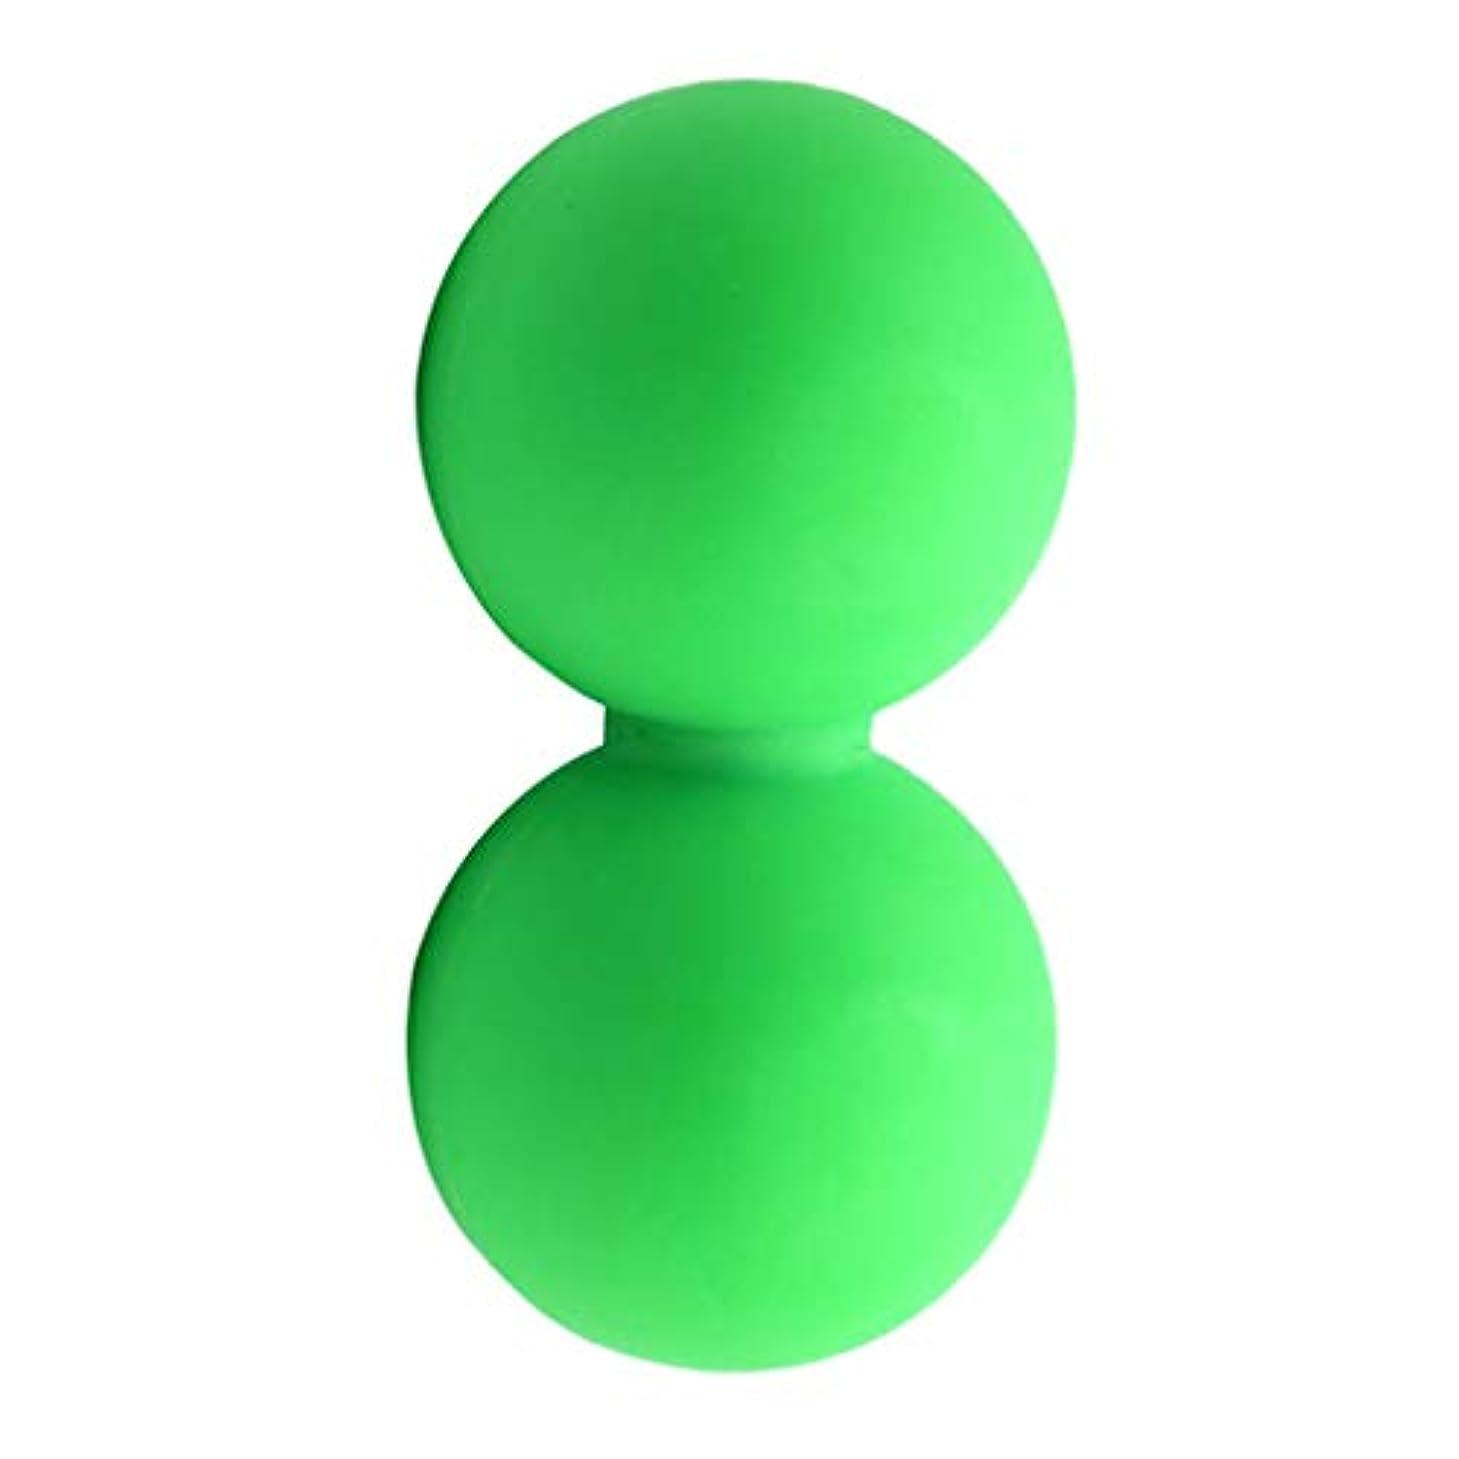 真実に日焼けみがきますFLAMEER マッサージボール グリーン スポーツケア 運動 痛み緩和